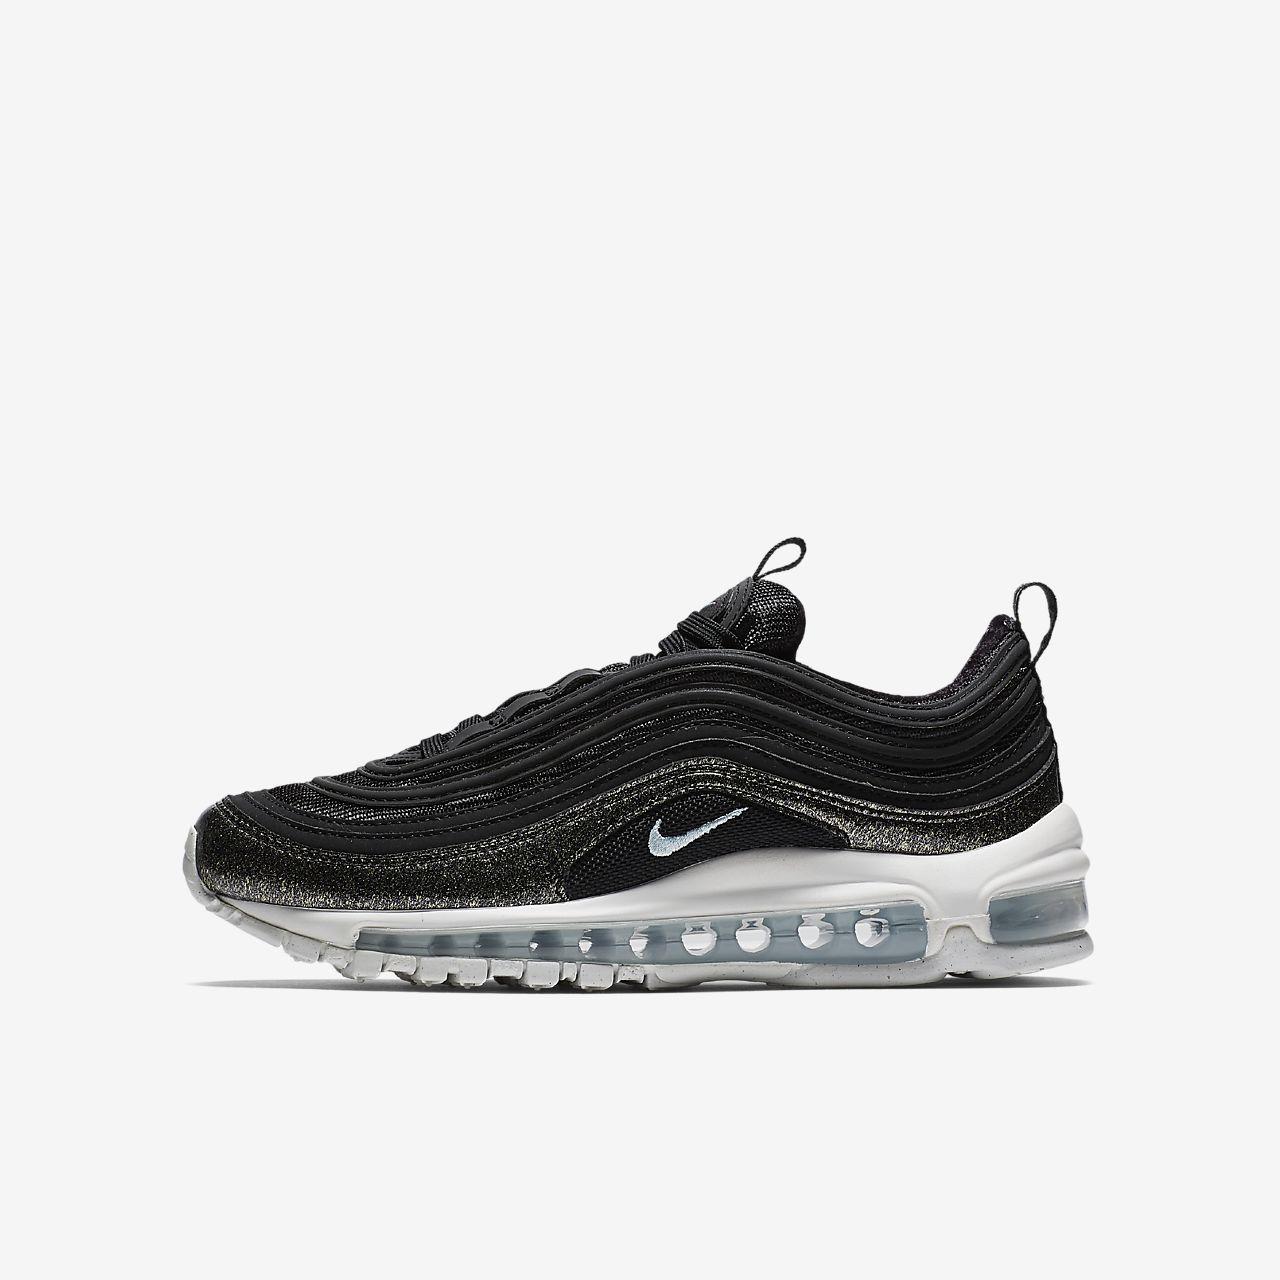 ... Nike Air Max 97 Pinnacle QS Big Kids' Shoe